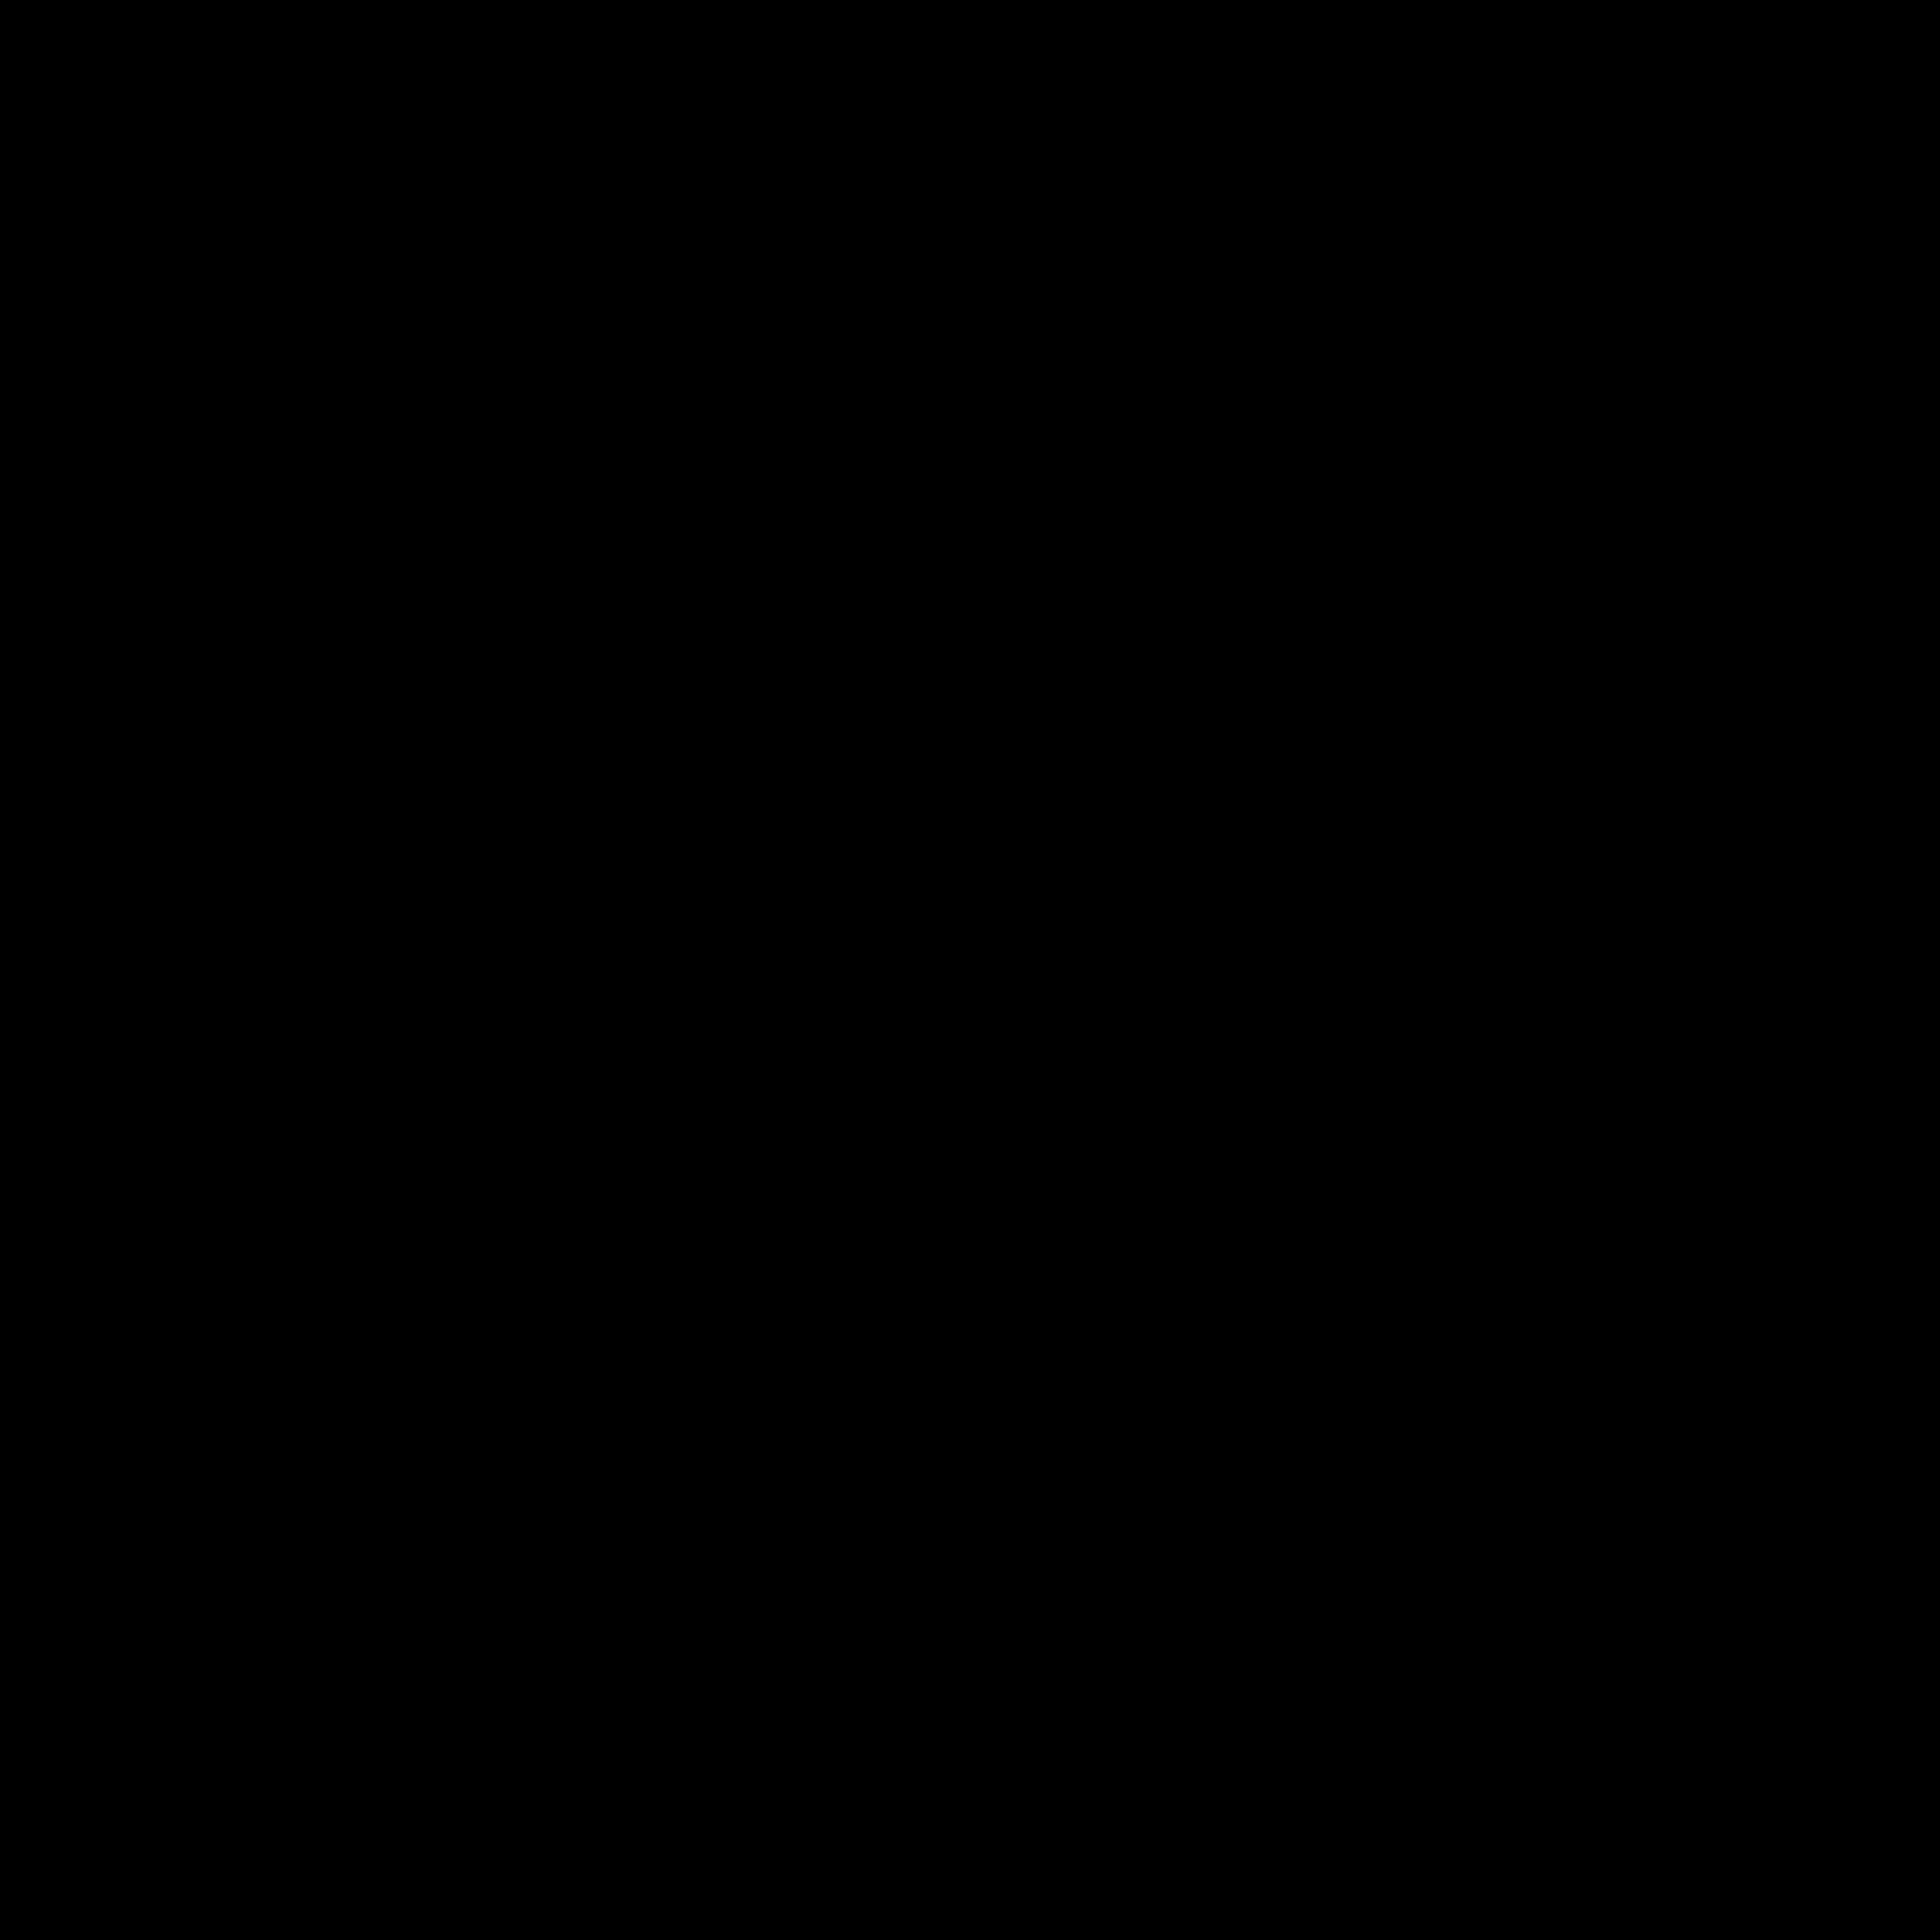 Wieczko sferyczne Ø64